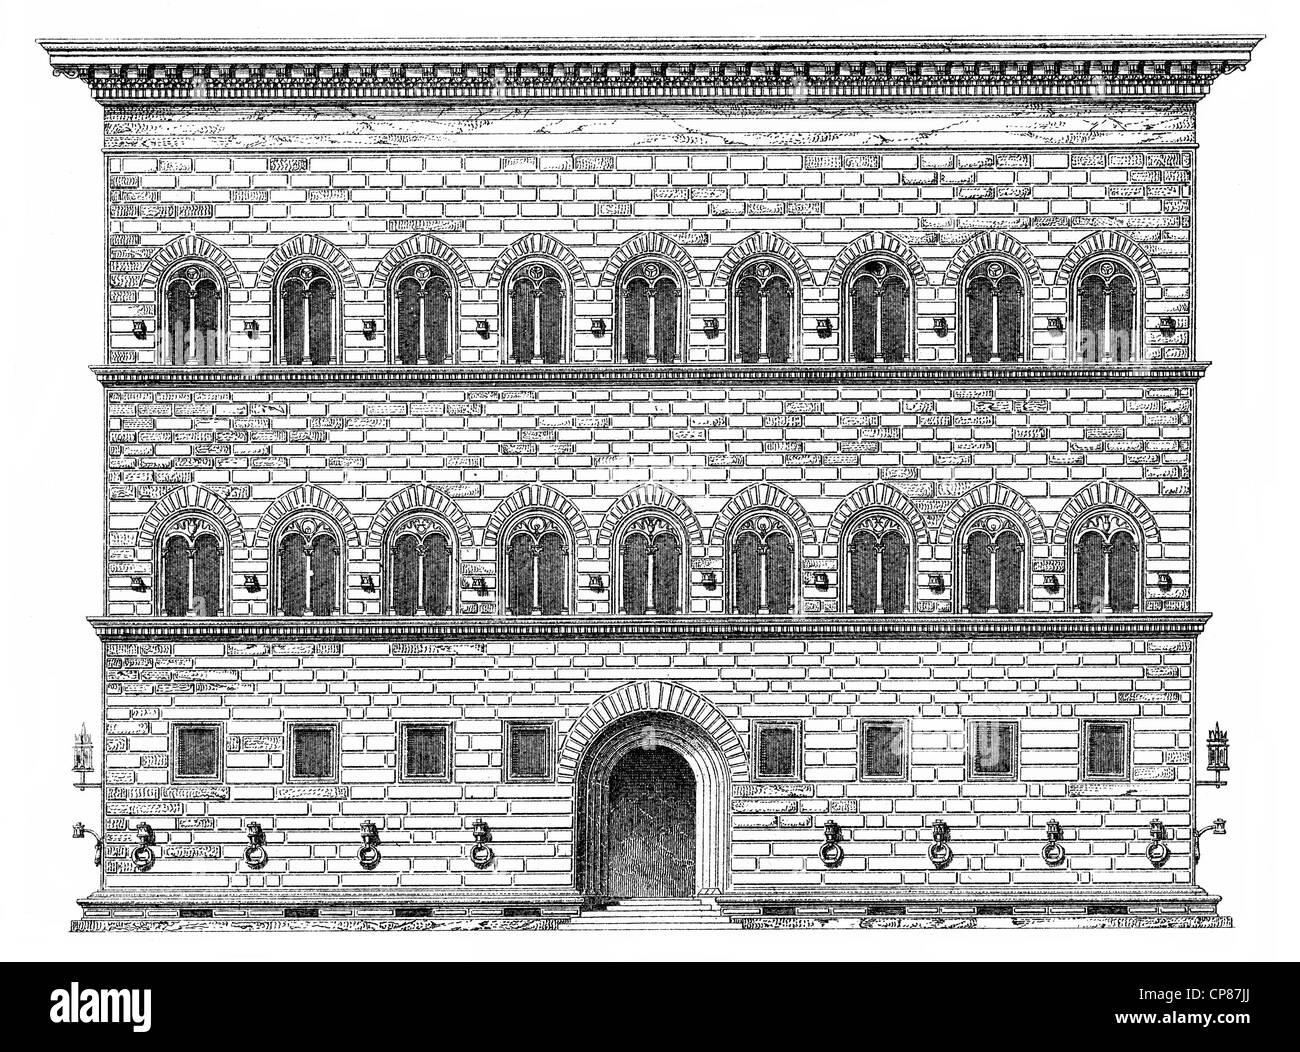 Palazzo Strozzi, Renaissance palace in Florence, Italy, 15th Century, Historische, zeichnerische Darstellung, Der - Stock Image